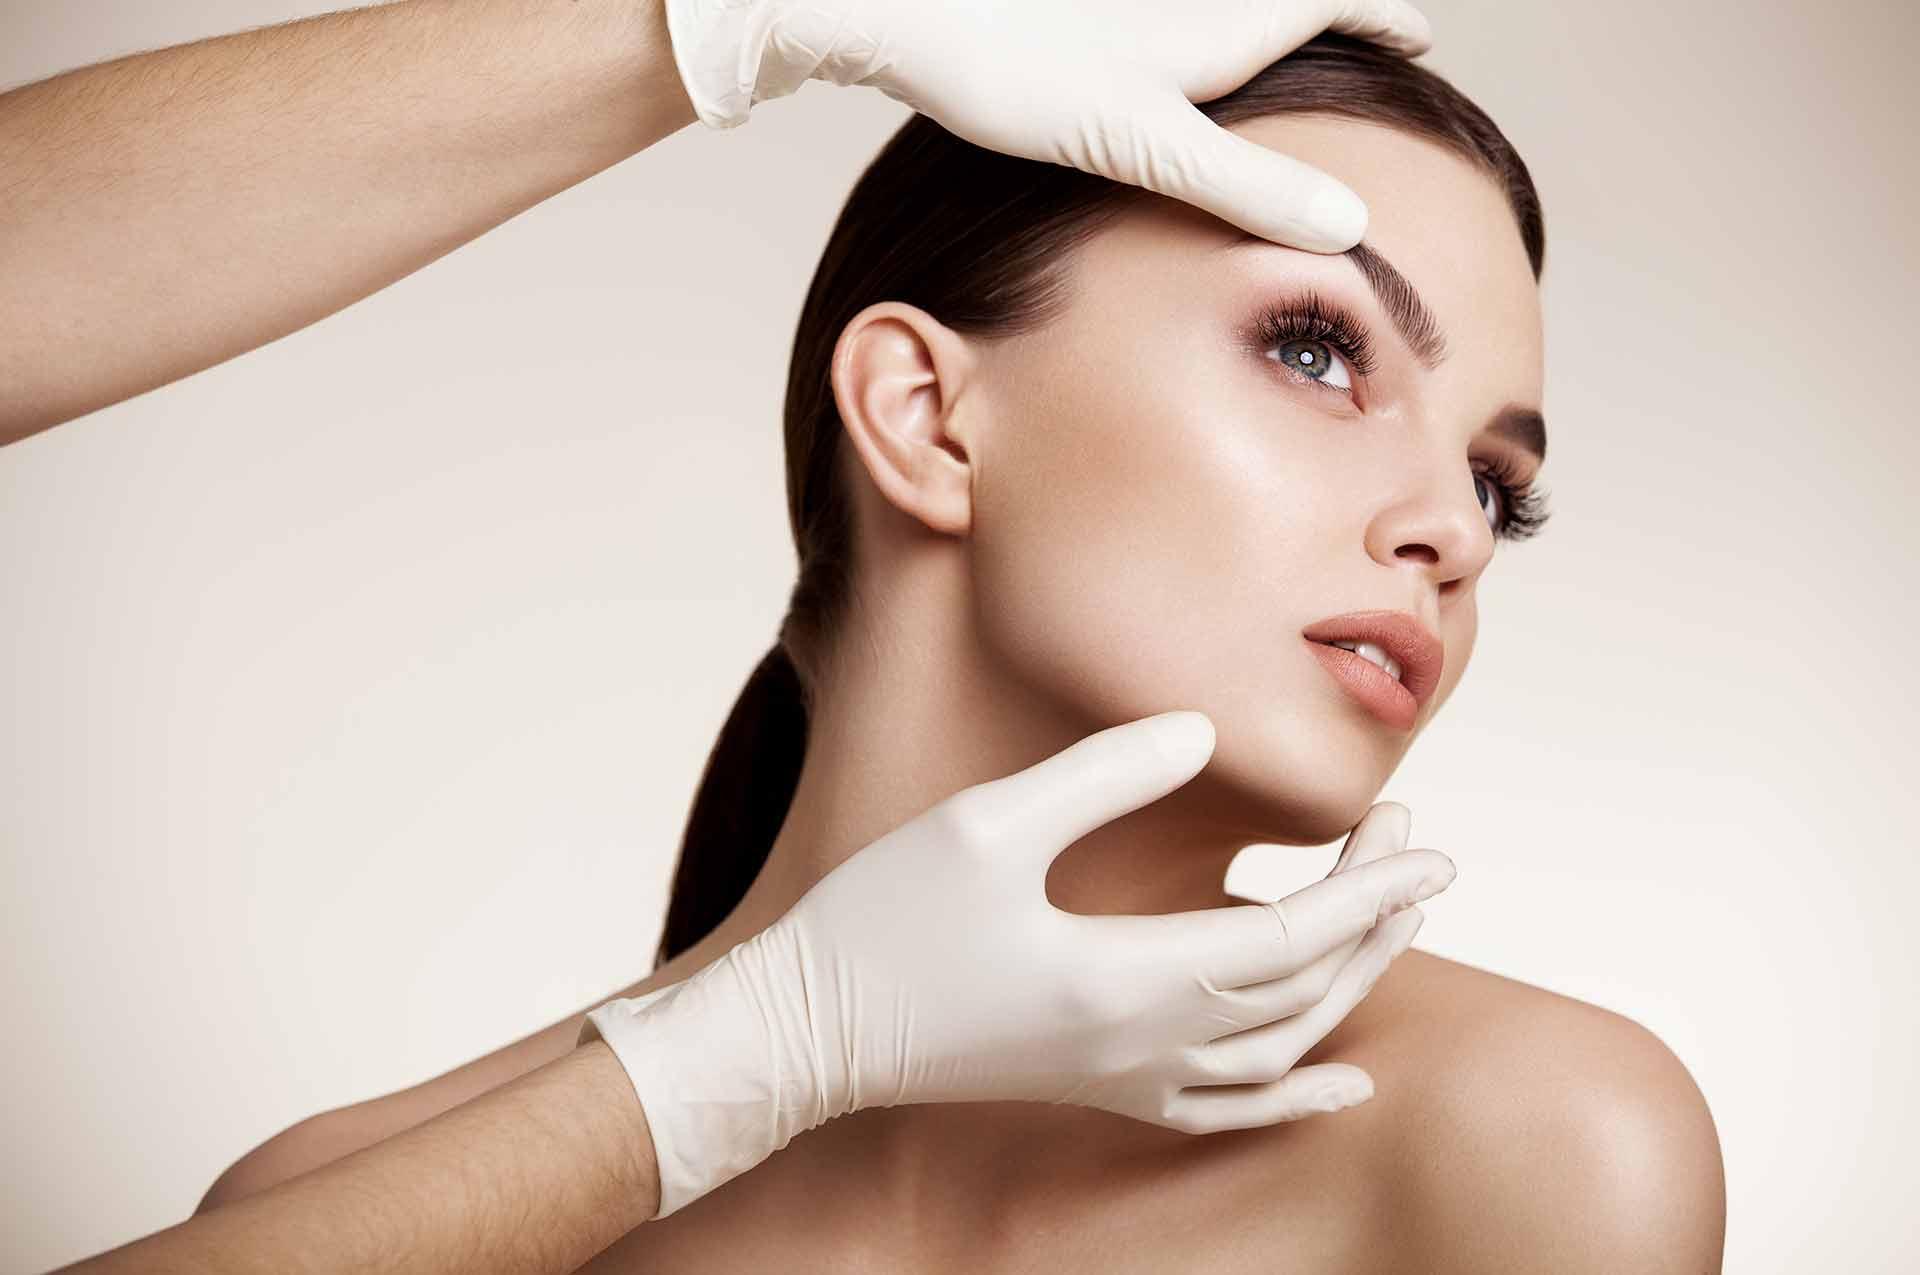 la chirurgie esthetique tunisie